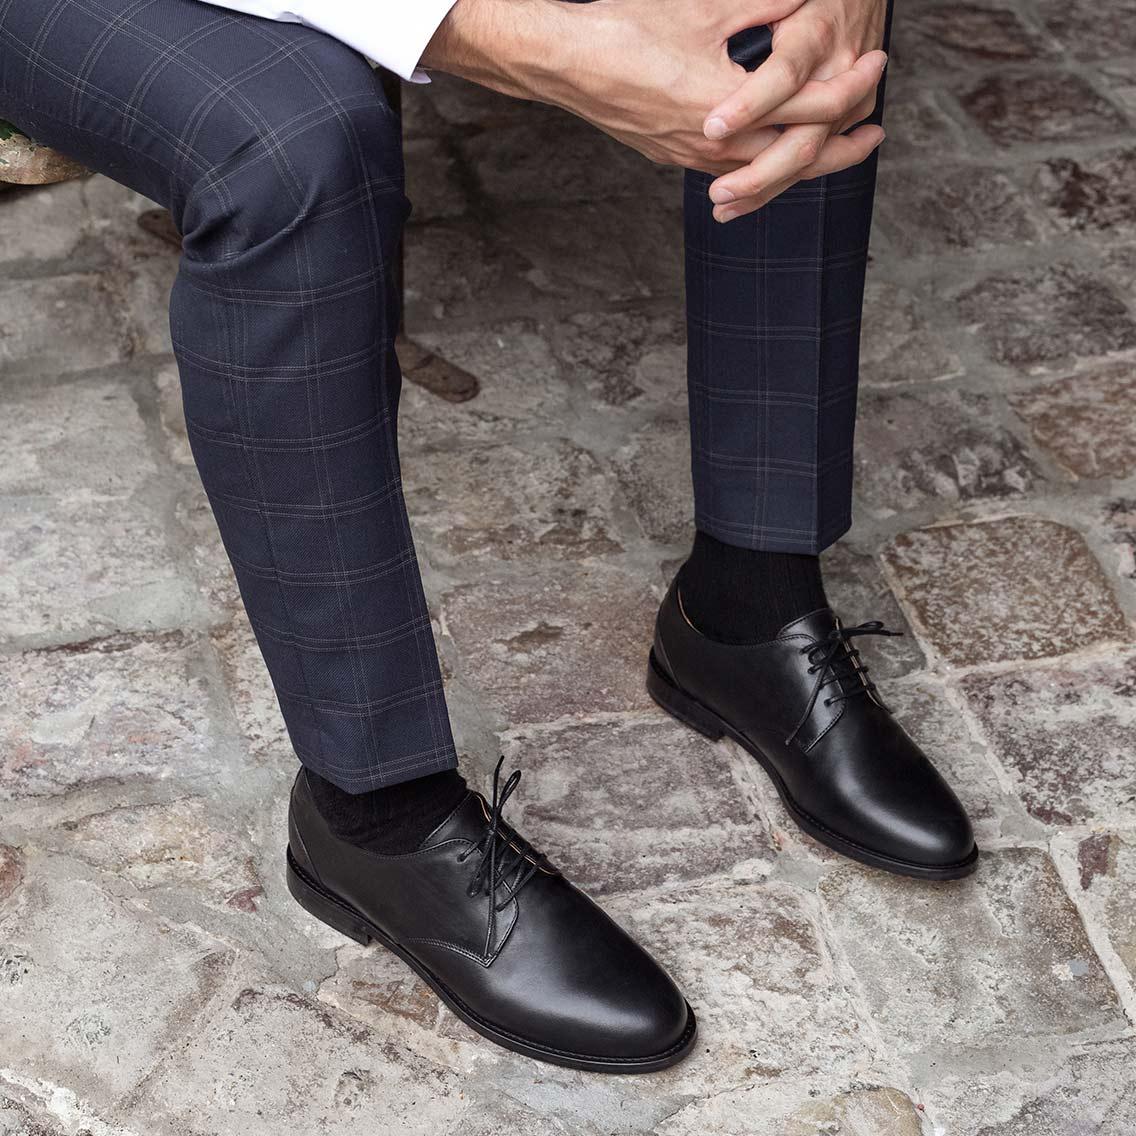 Chaussures Derbies pour Homme : en Cuir, Élégantes et